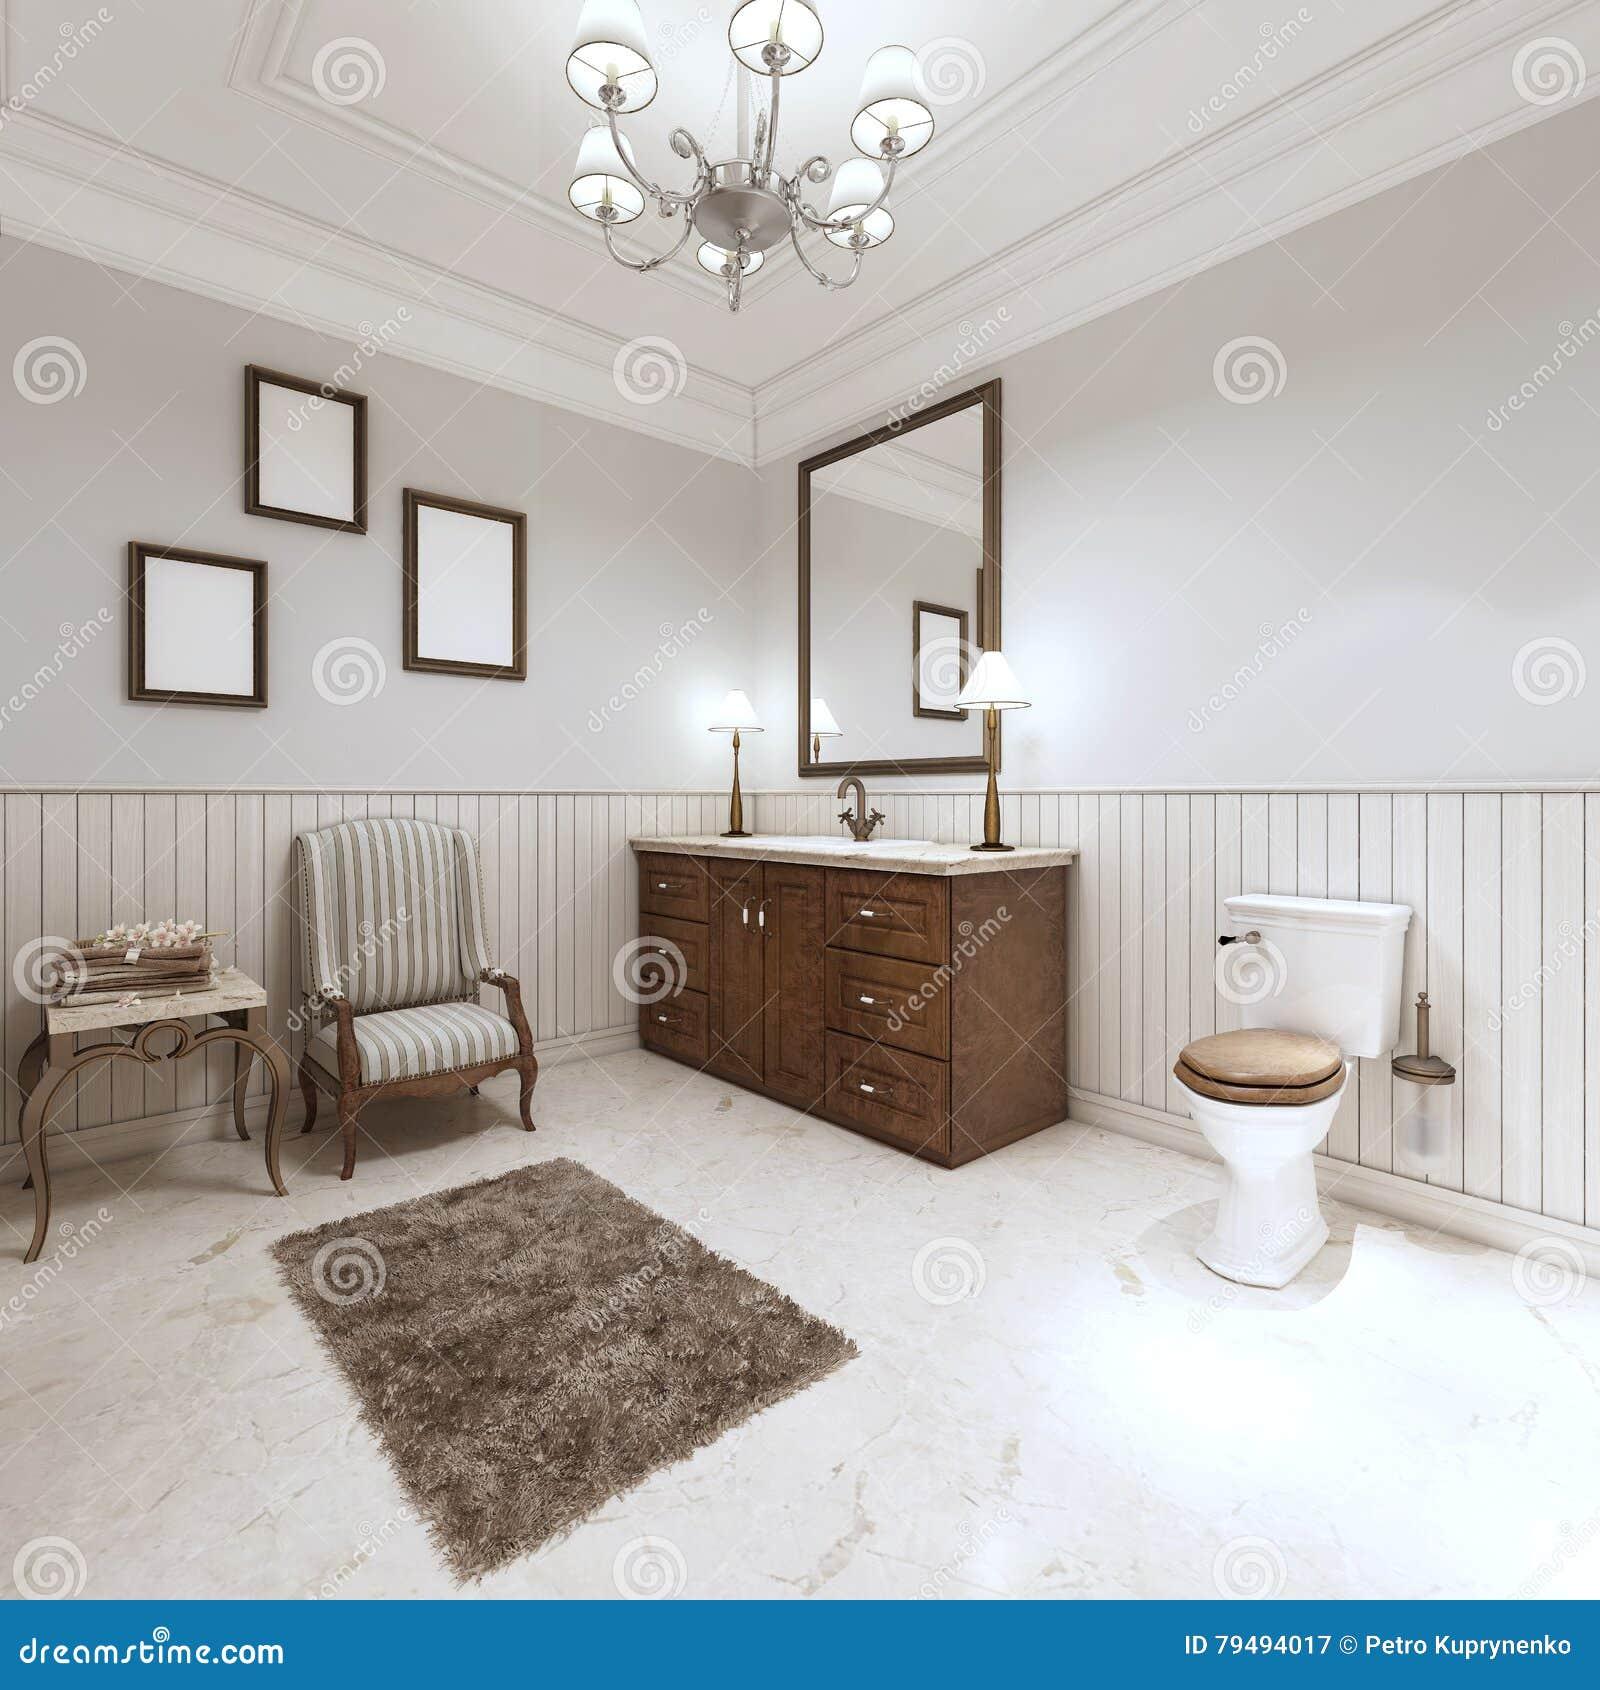 Cuarto de baño en estilo moderno con el baño del fregadero y retrete con un comfor